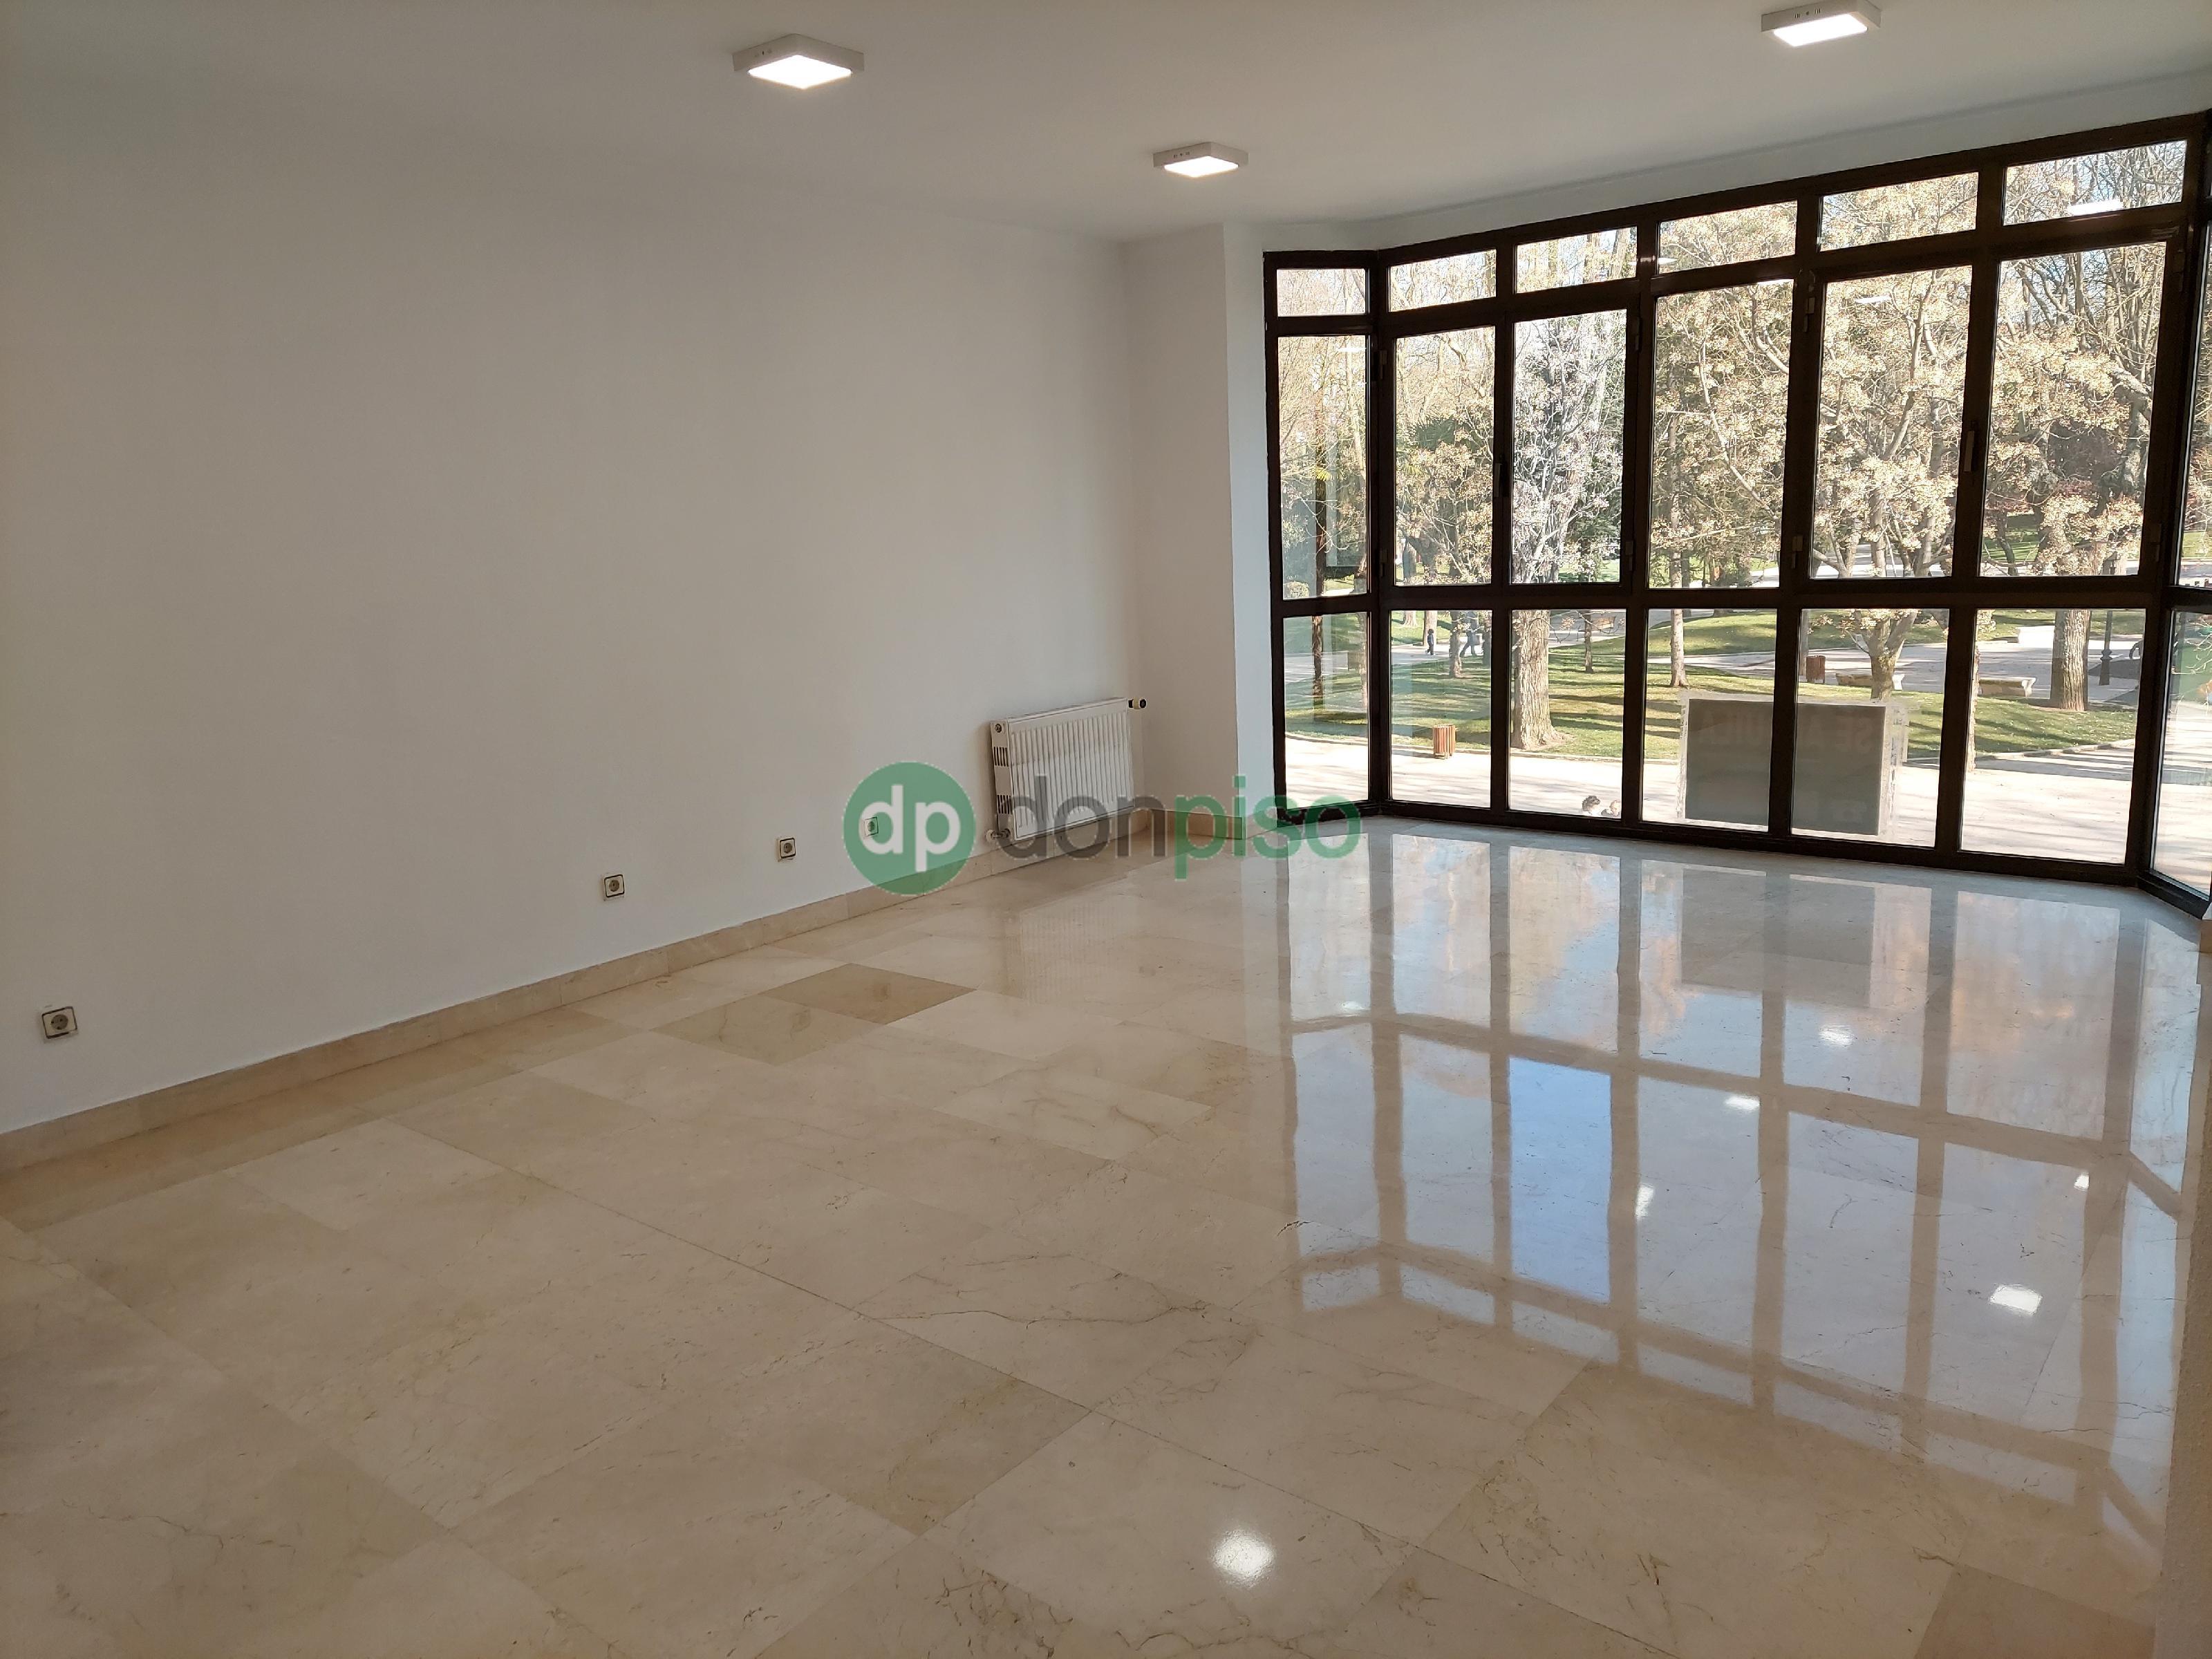 Imagen 2 Piso en alquiler en Guadalajara / Entre Santo Domingo y Bejanque